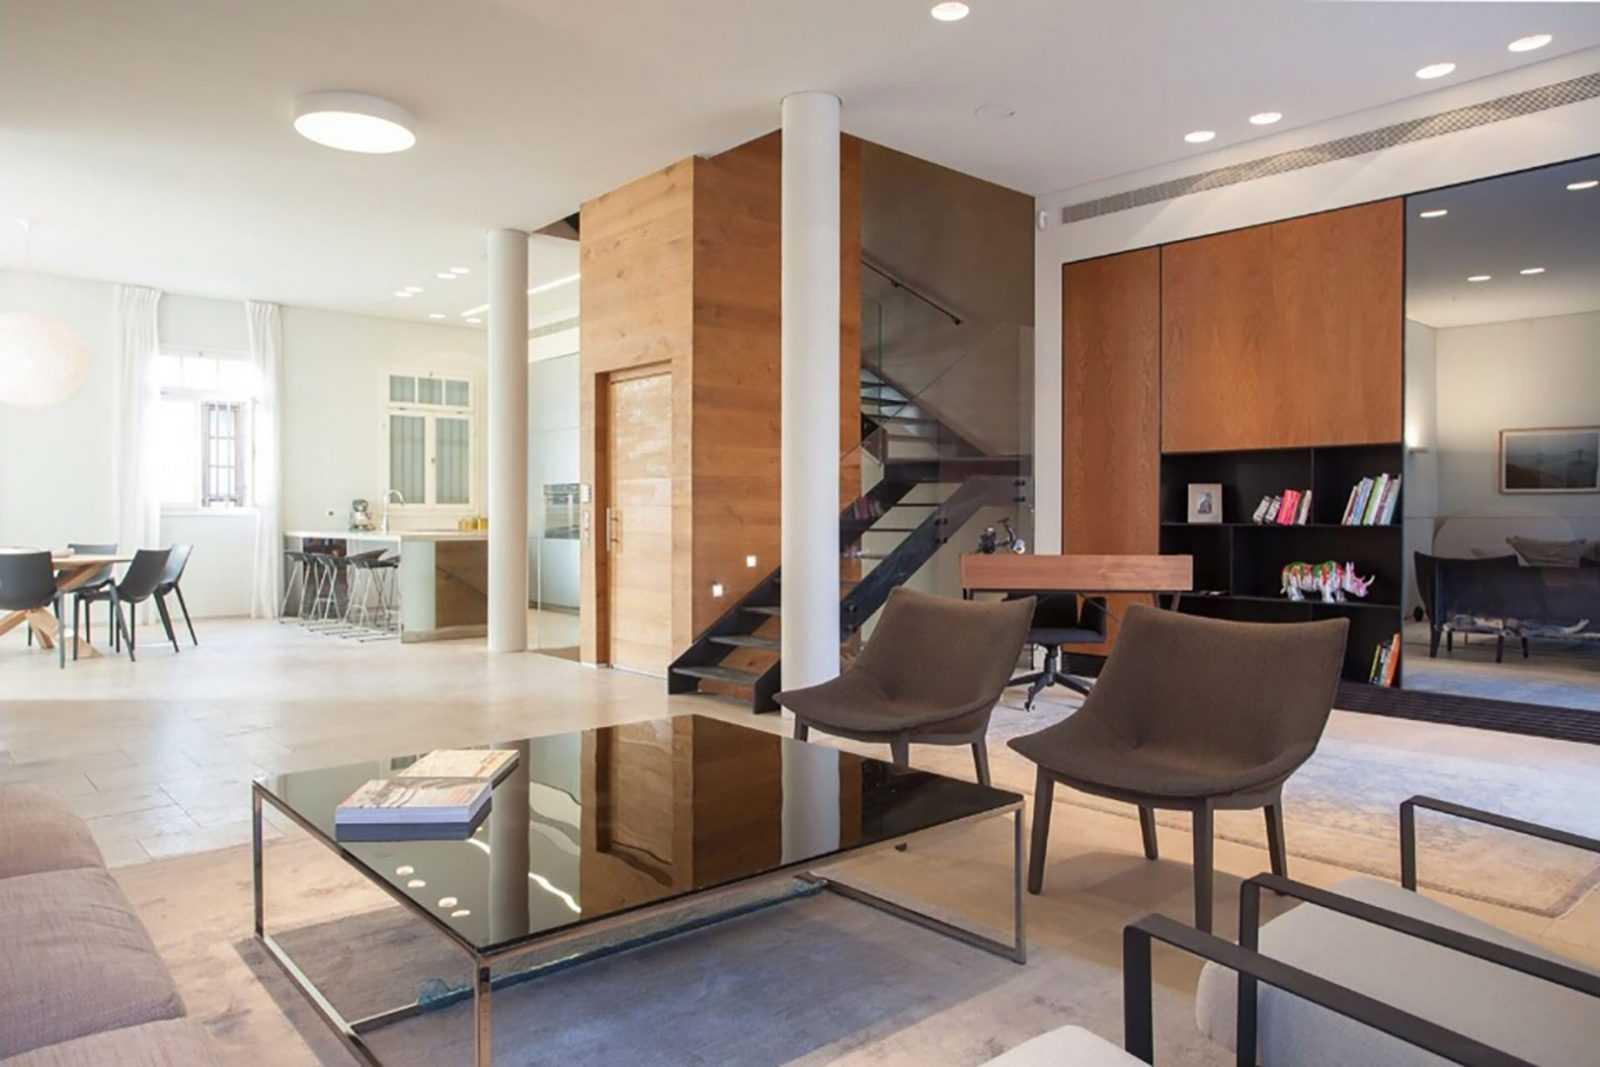 Luxurious-Restored-house-for-sale-in-Neve-Tzedek-Israel-(1)